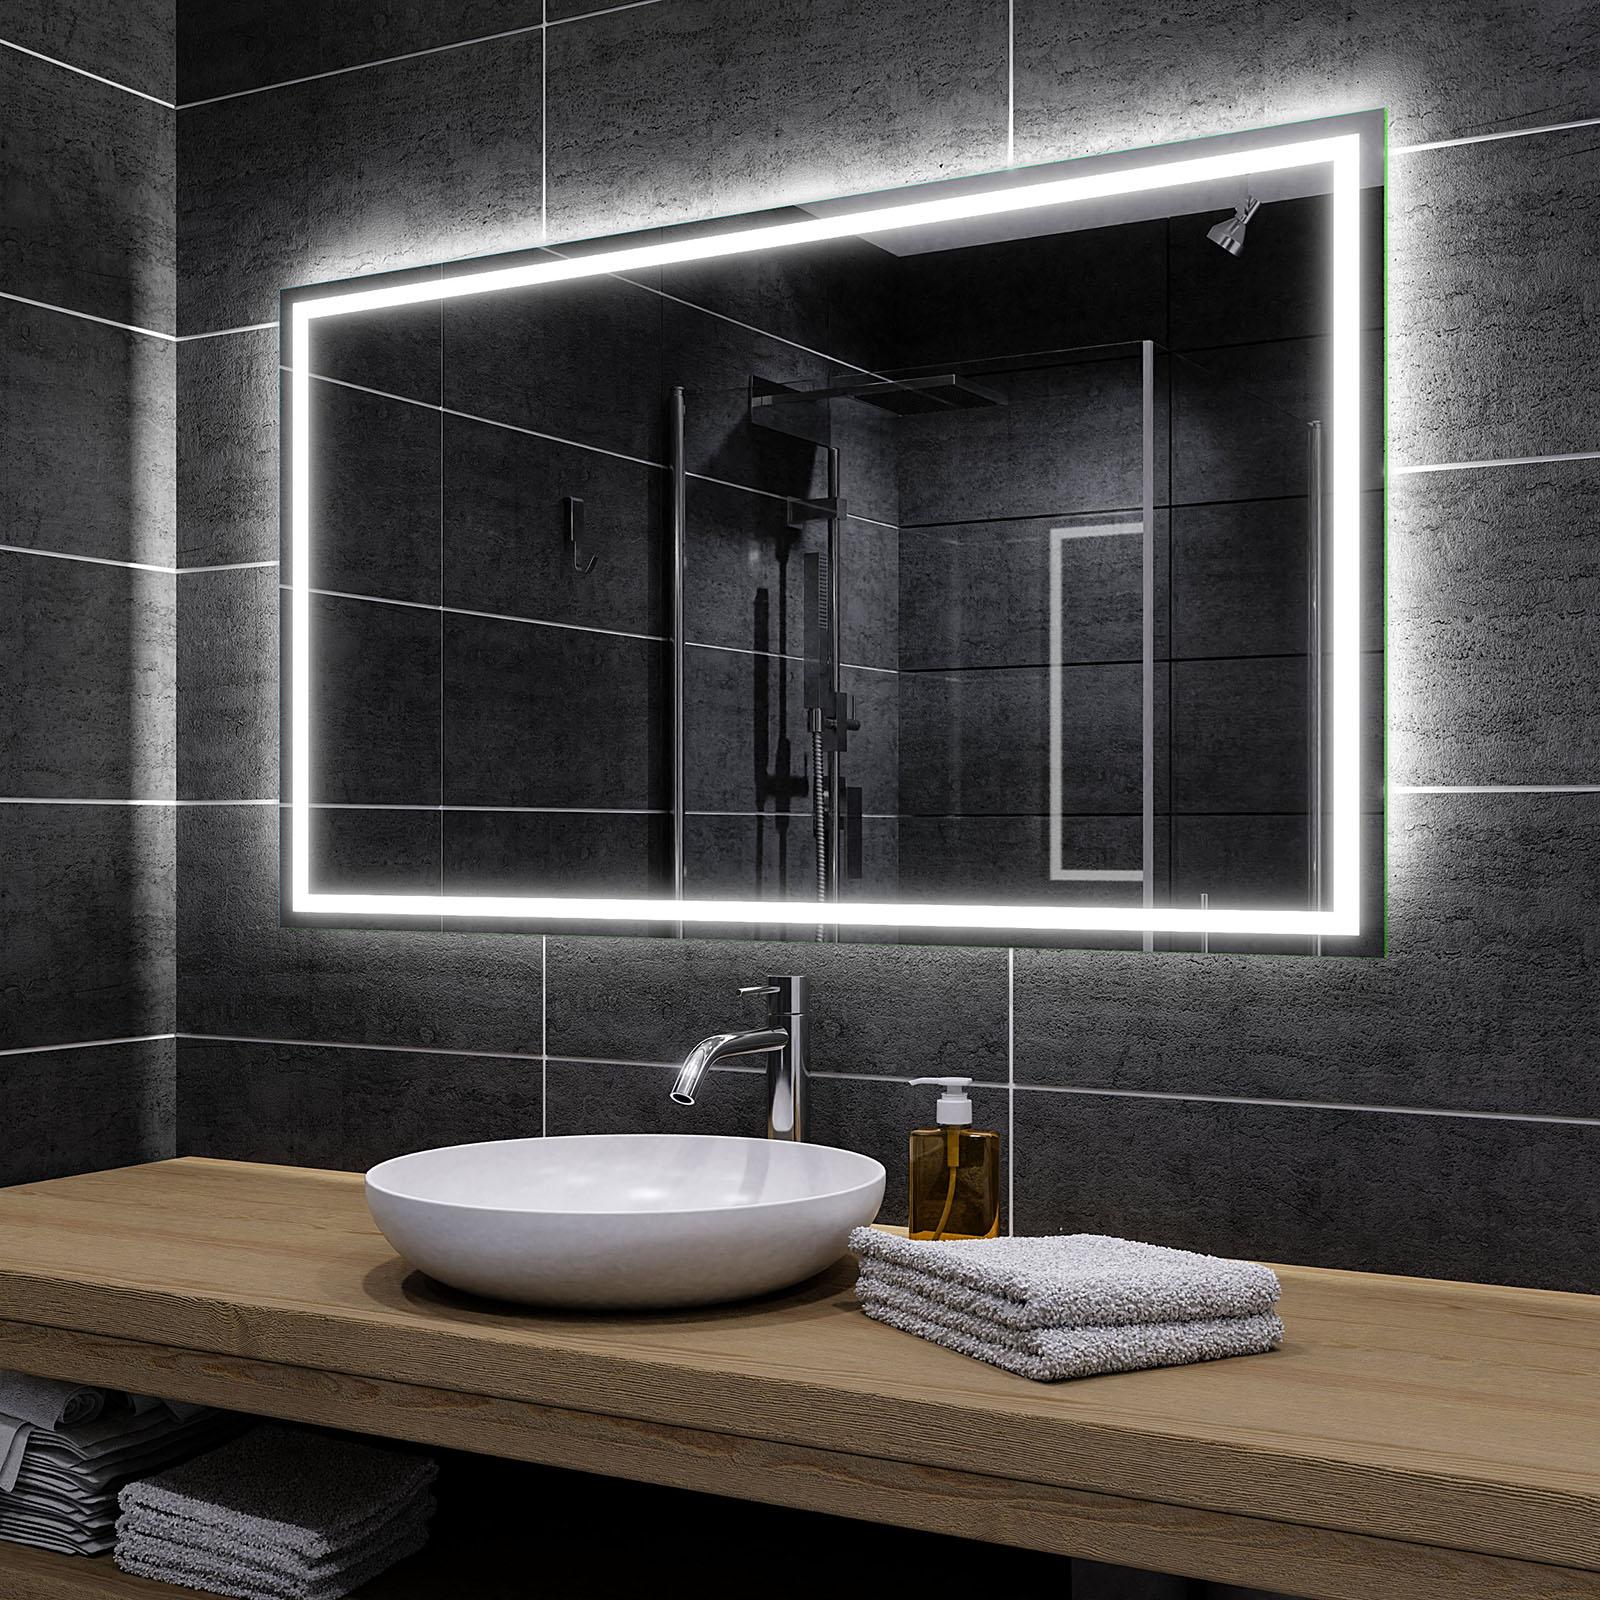 Spiegel nach Ma/ß Wei/ß kalt, Breite 60cm X H/öhe 40cm Alasta Spiegel Madrit Badspiegel mit LED Beleuchtung Wandspiegel Badezimmerspiegel